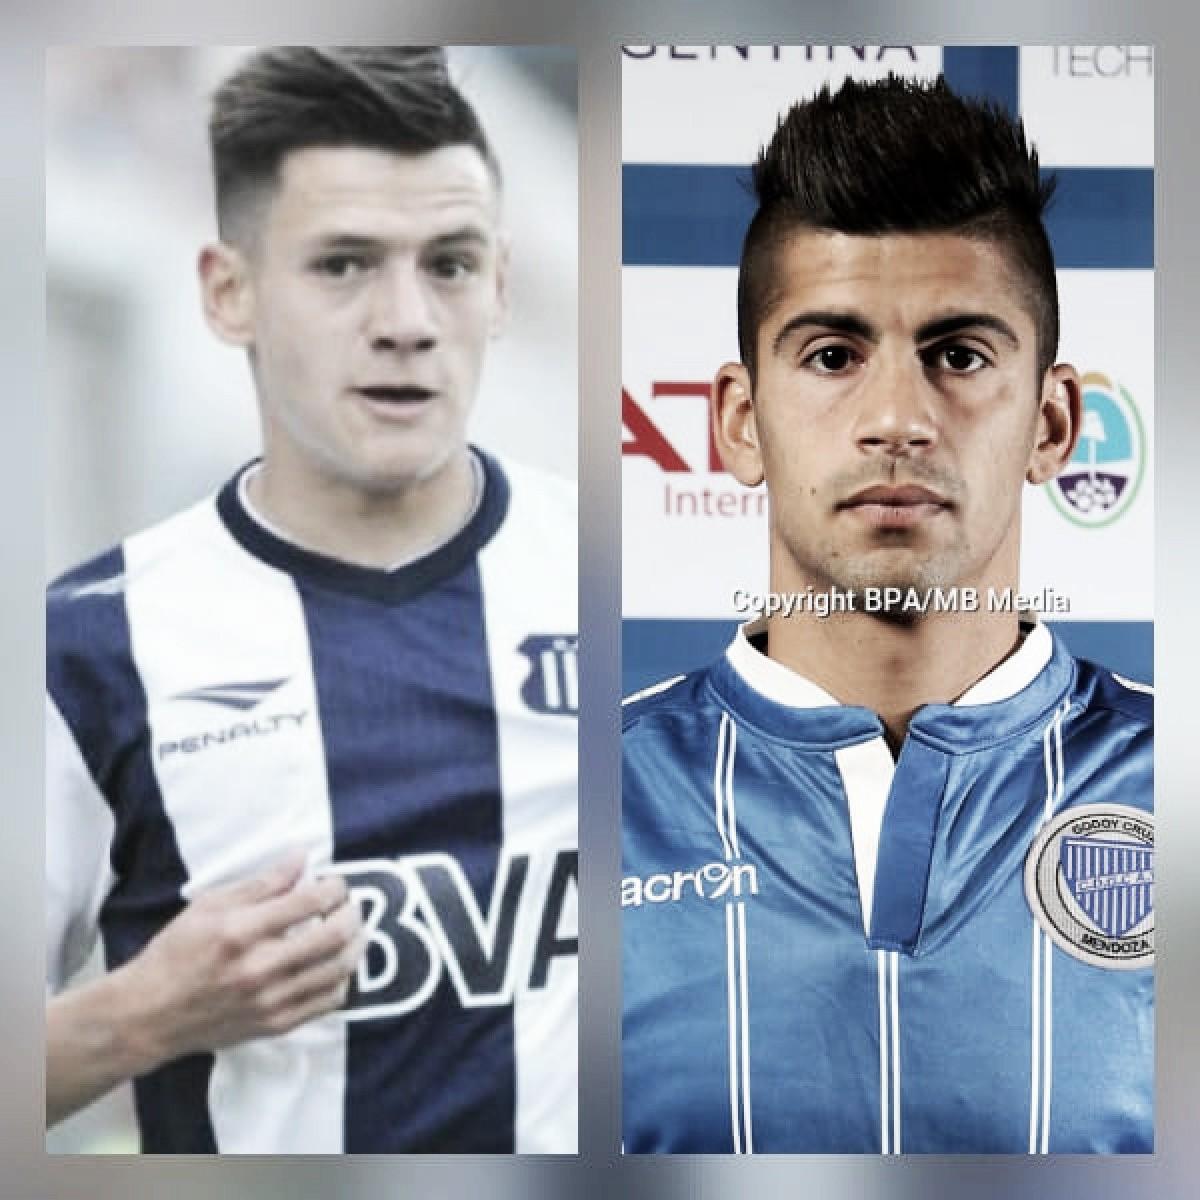 Cara a cara: Leonardo Godoy y Luciano Abecasis